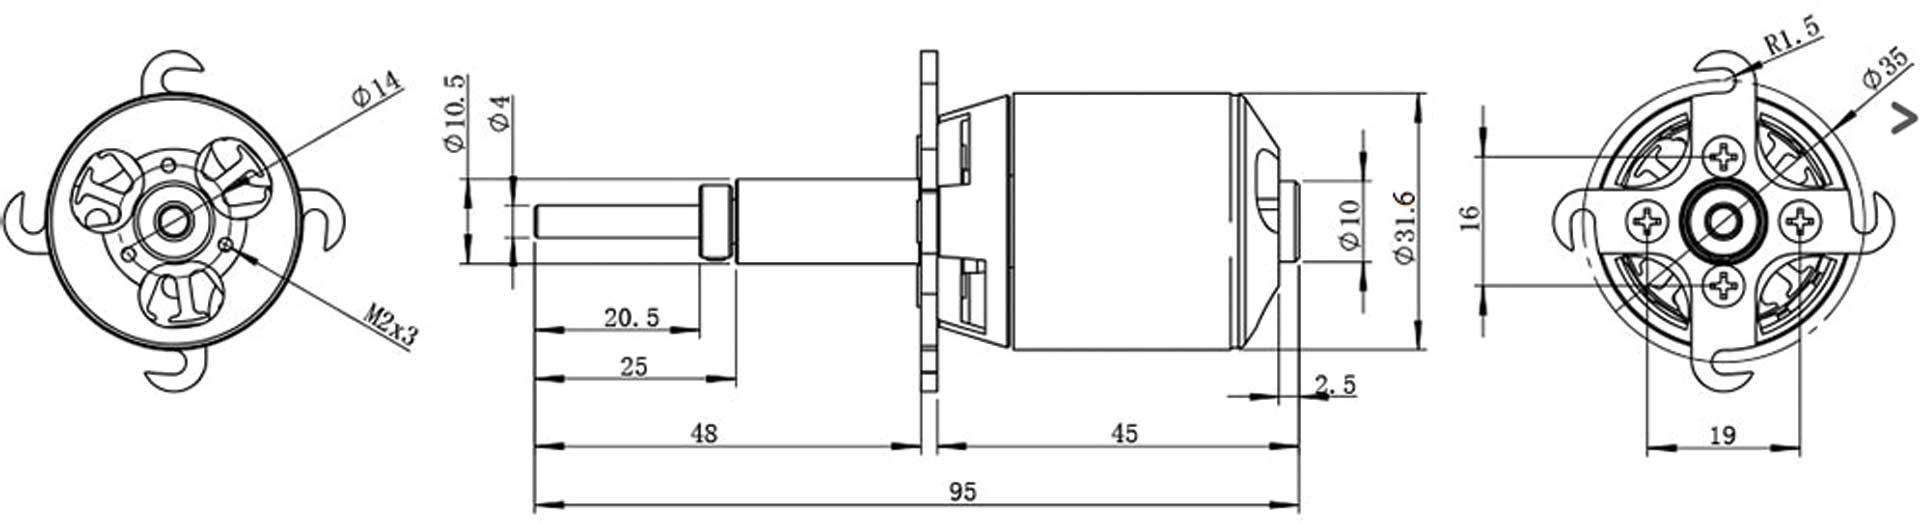 Robbe Modellsport RO-POWER TORQUE LS 3223/10 BRUSHLESS